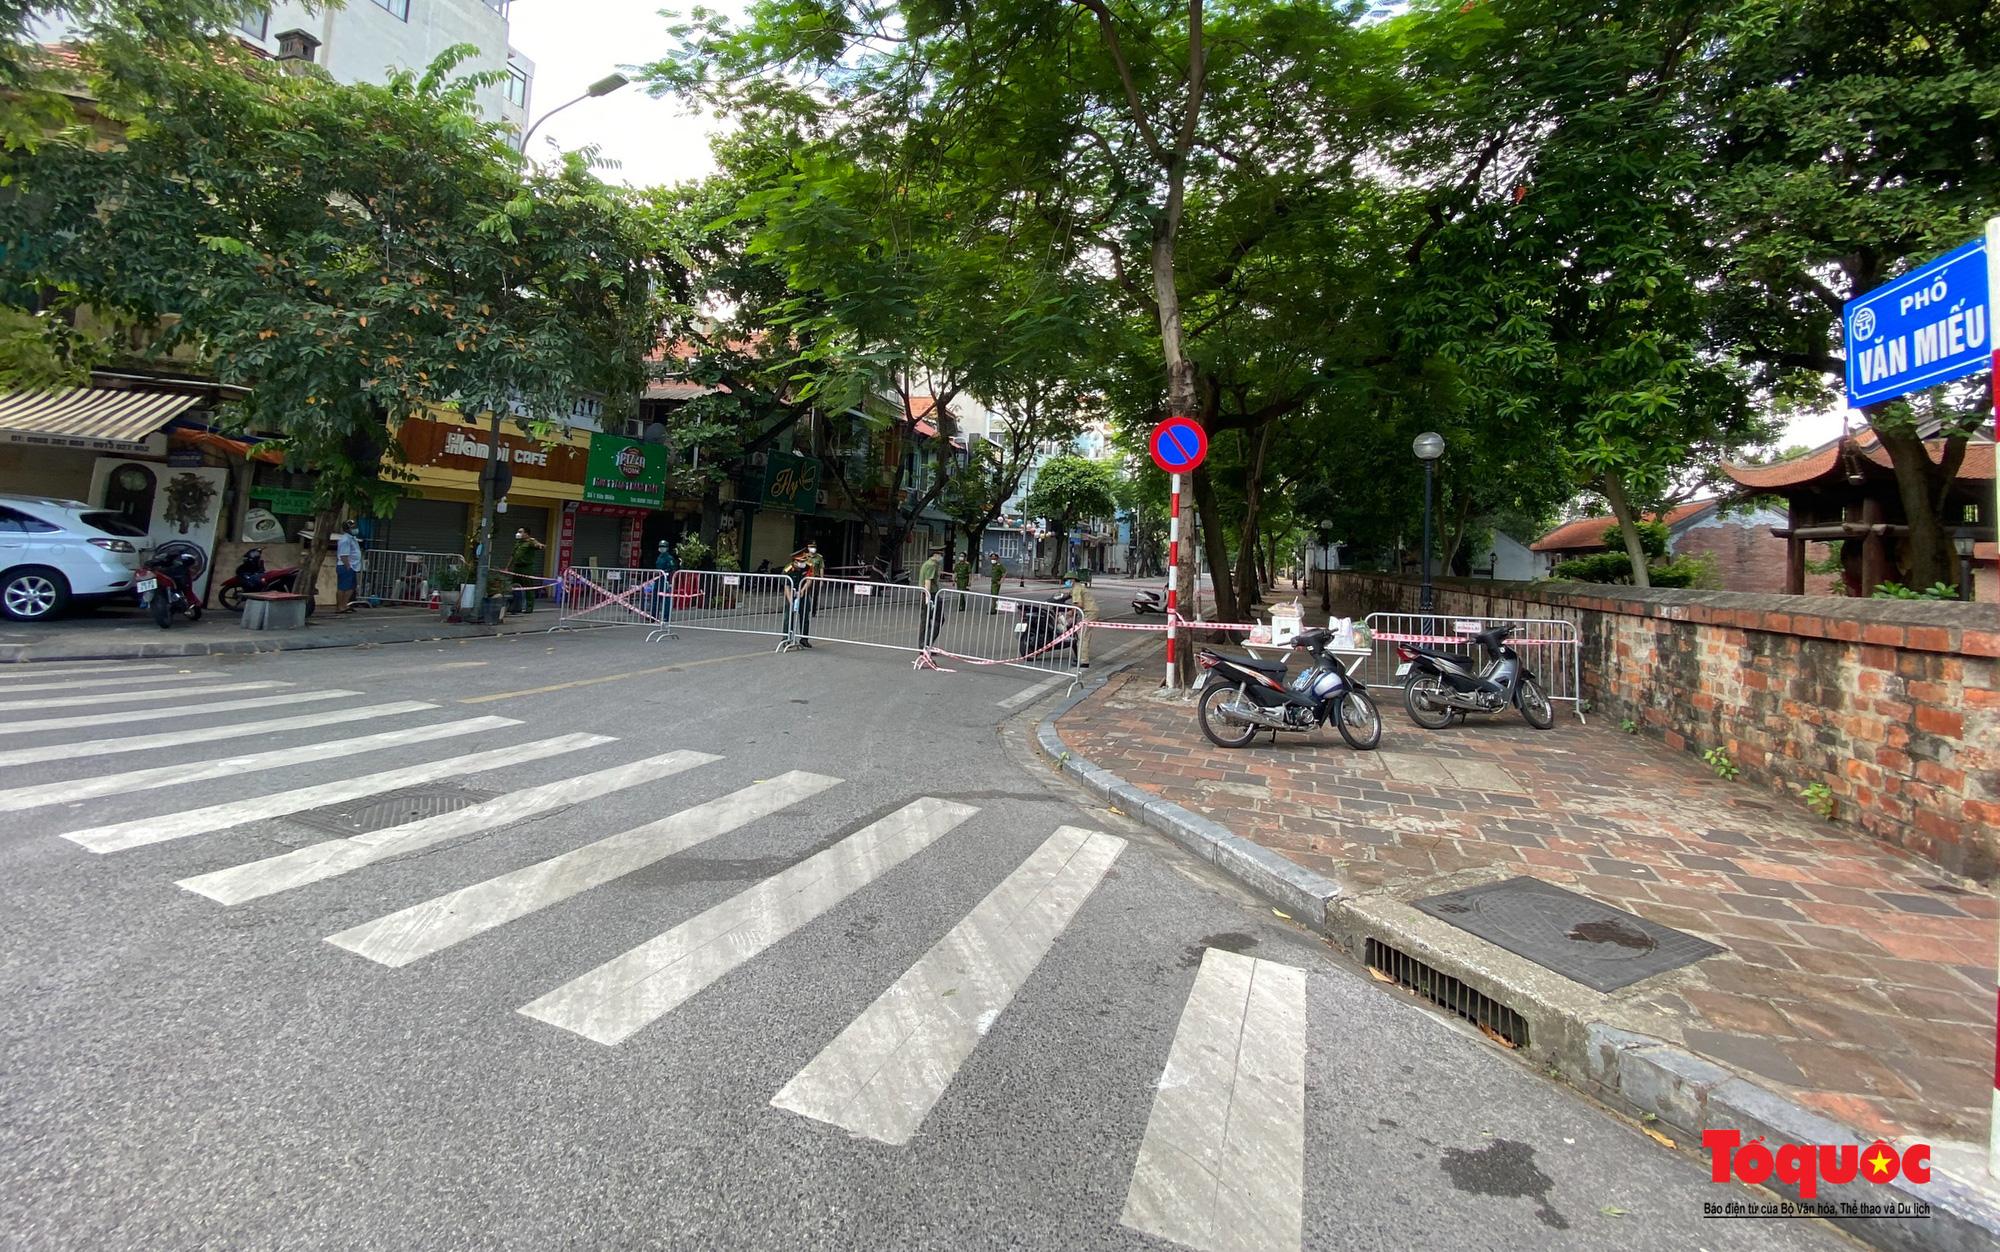 Hà Nội: Phong tỏa 2 phường Văn Miếu, Văn Chương, người dân xếp hàng tiếp tế cho khu cách ly - Ảnh 1.